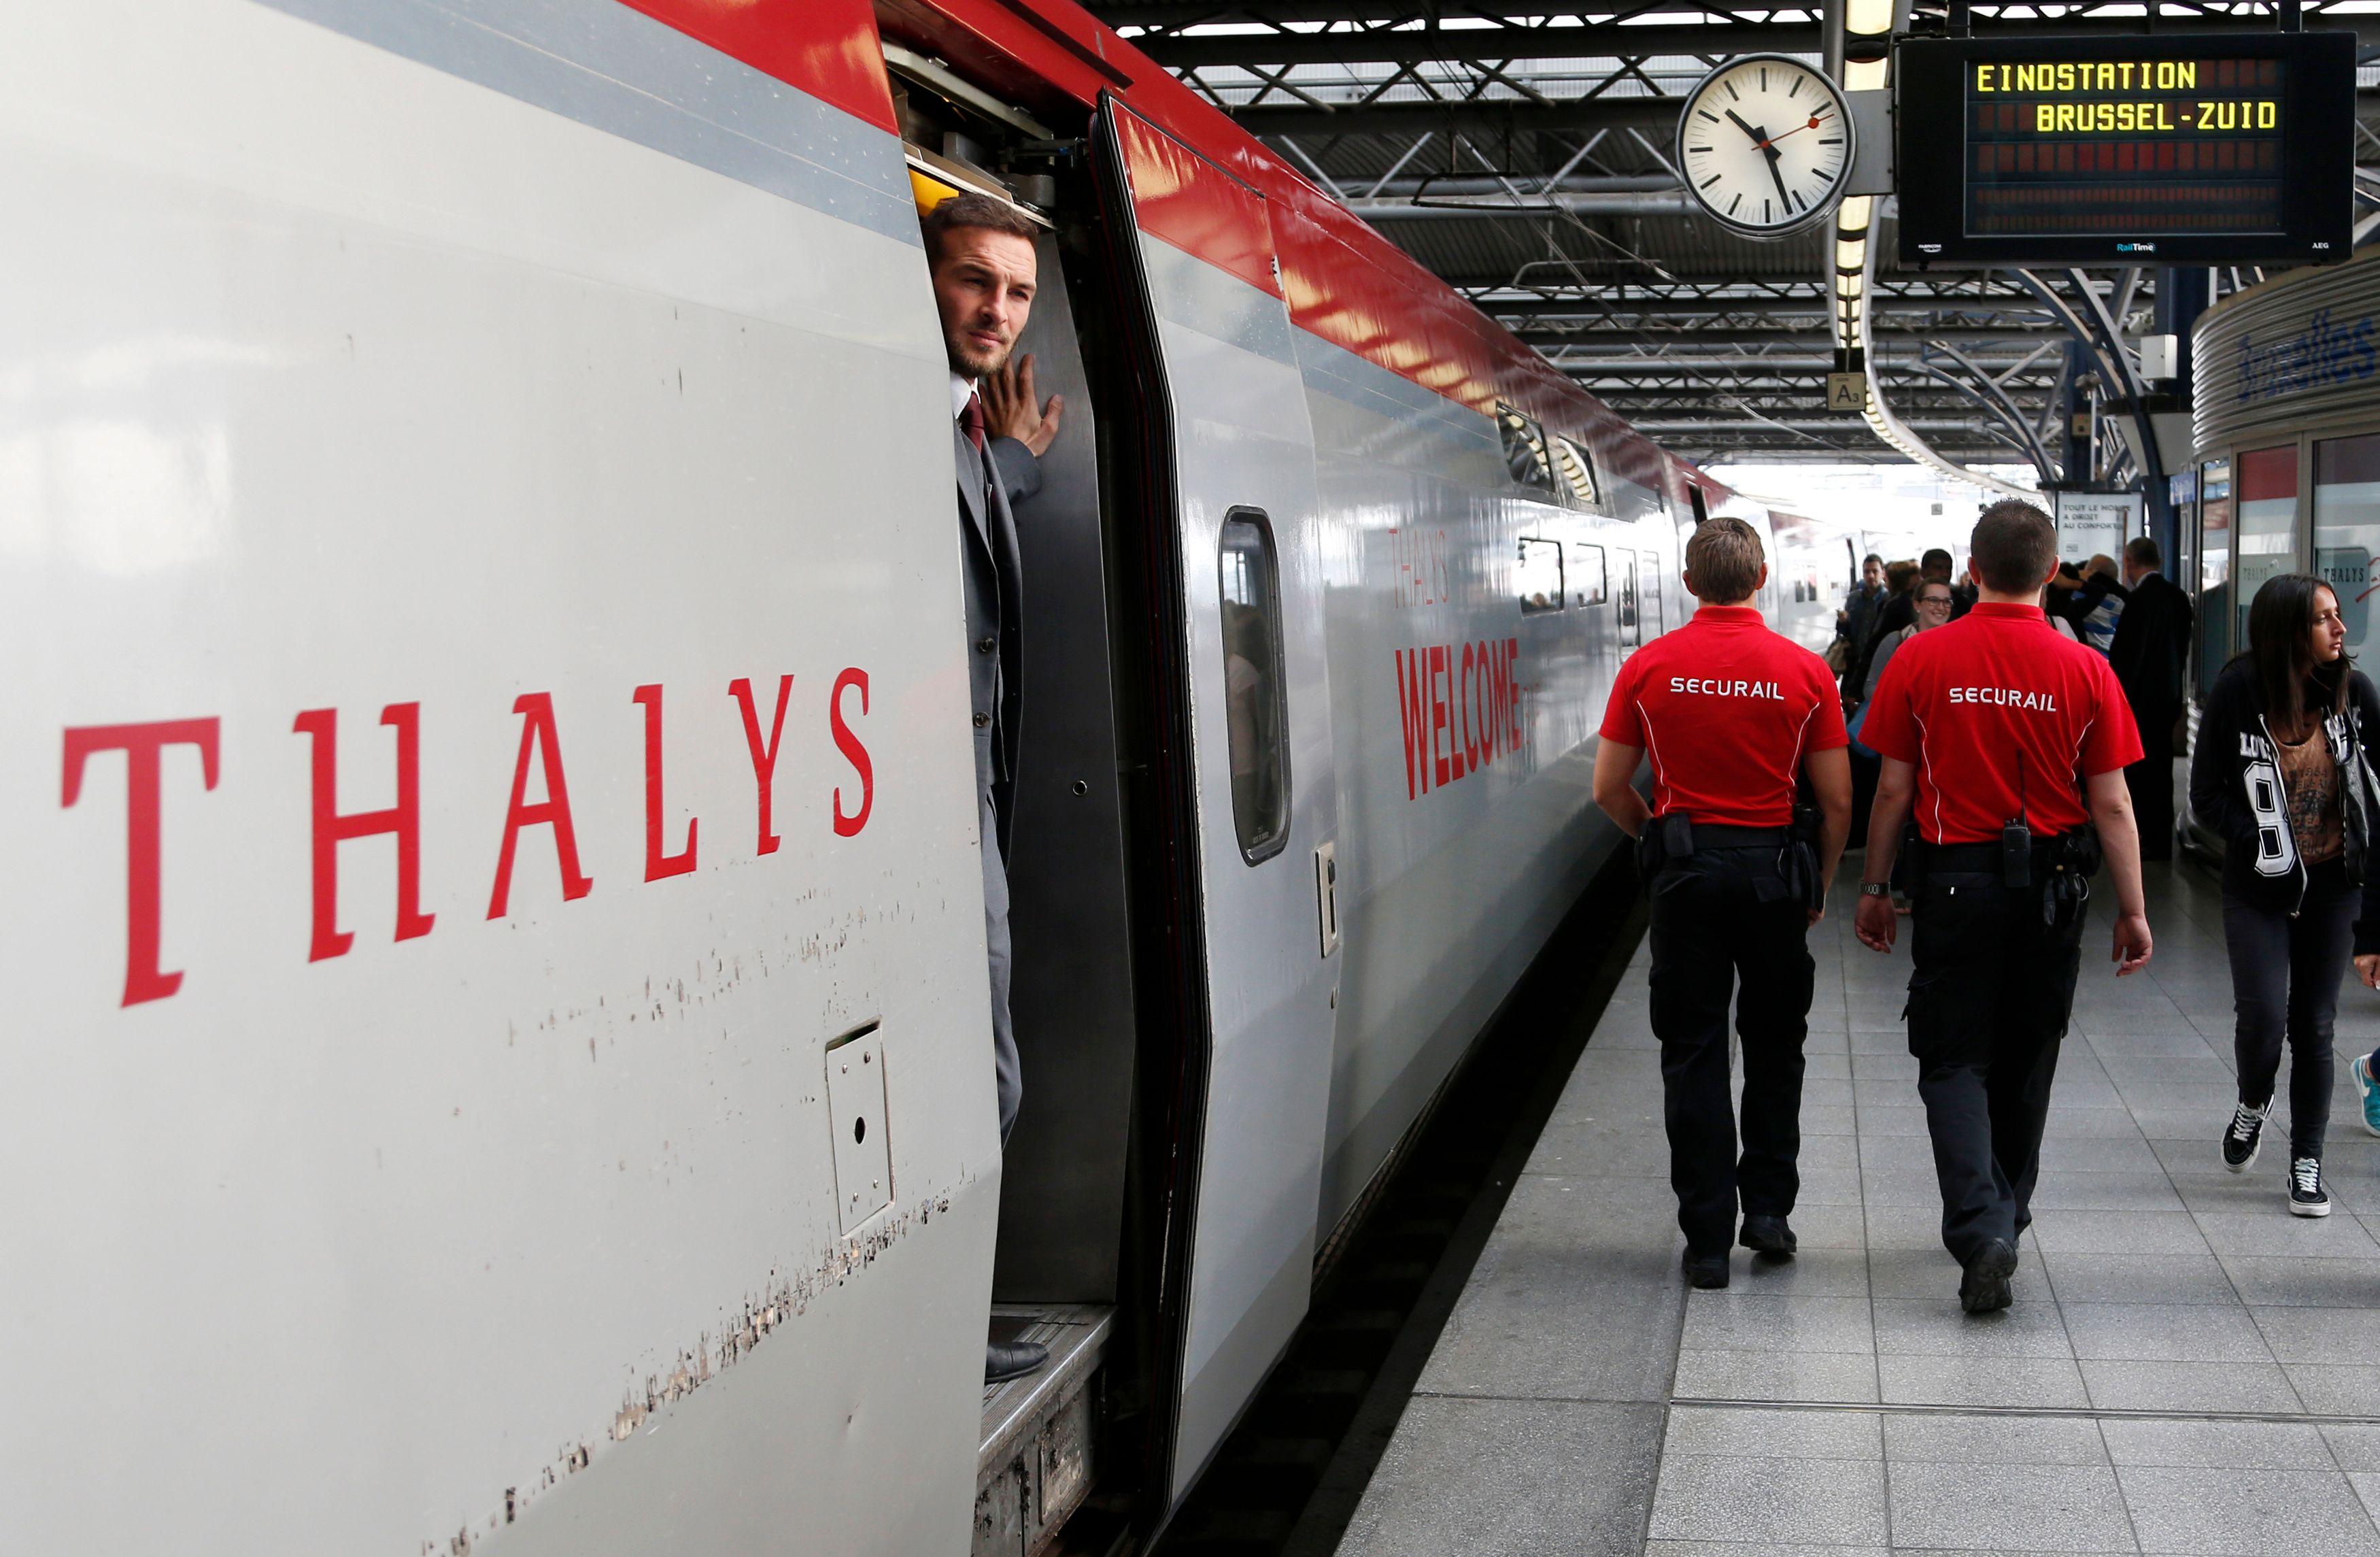 Un tireur a ouvert le feu vendredi soir dans un Thalys avant d'être neutralisé par des passagers.